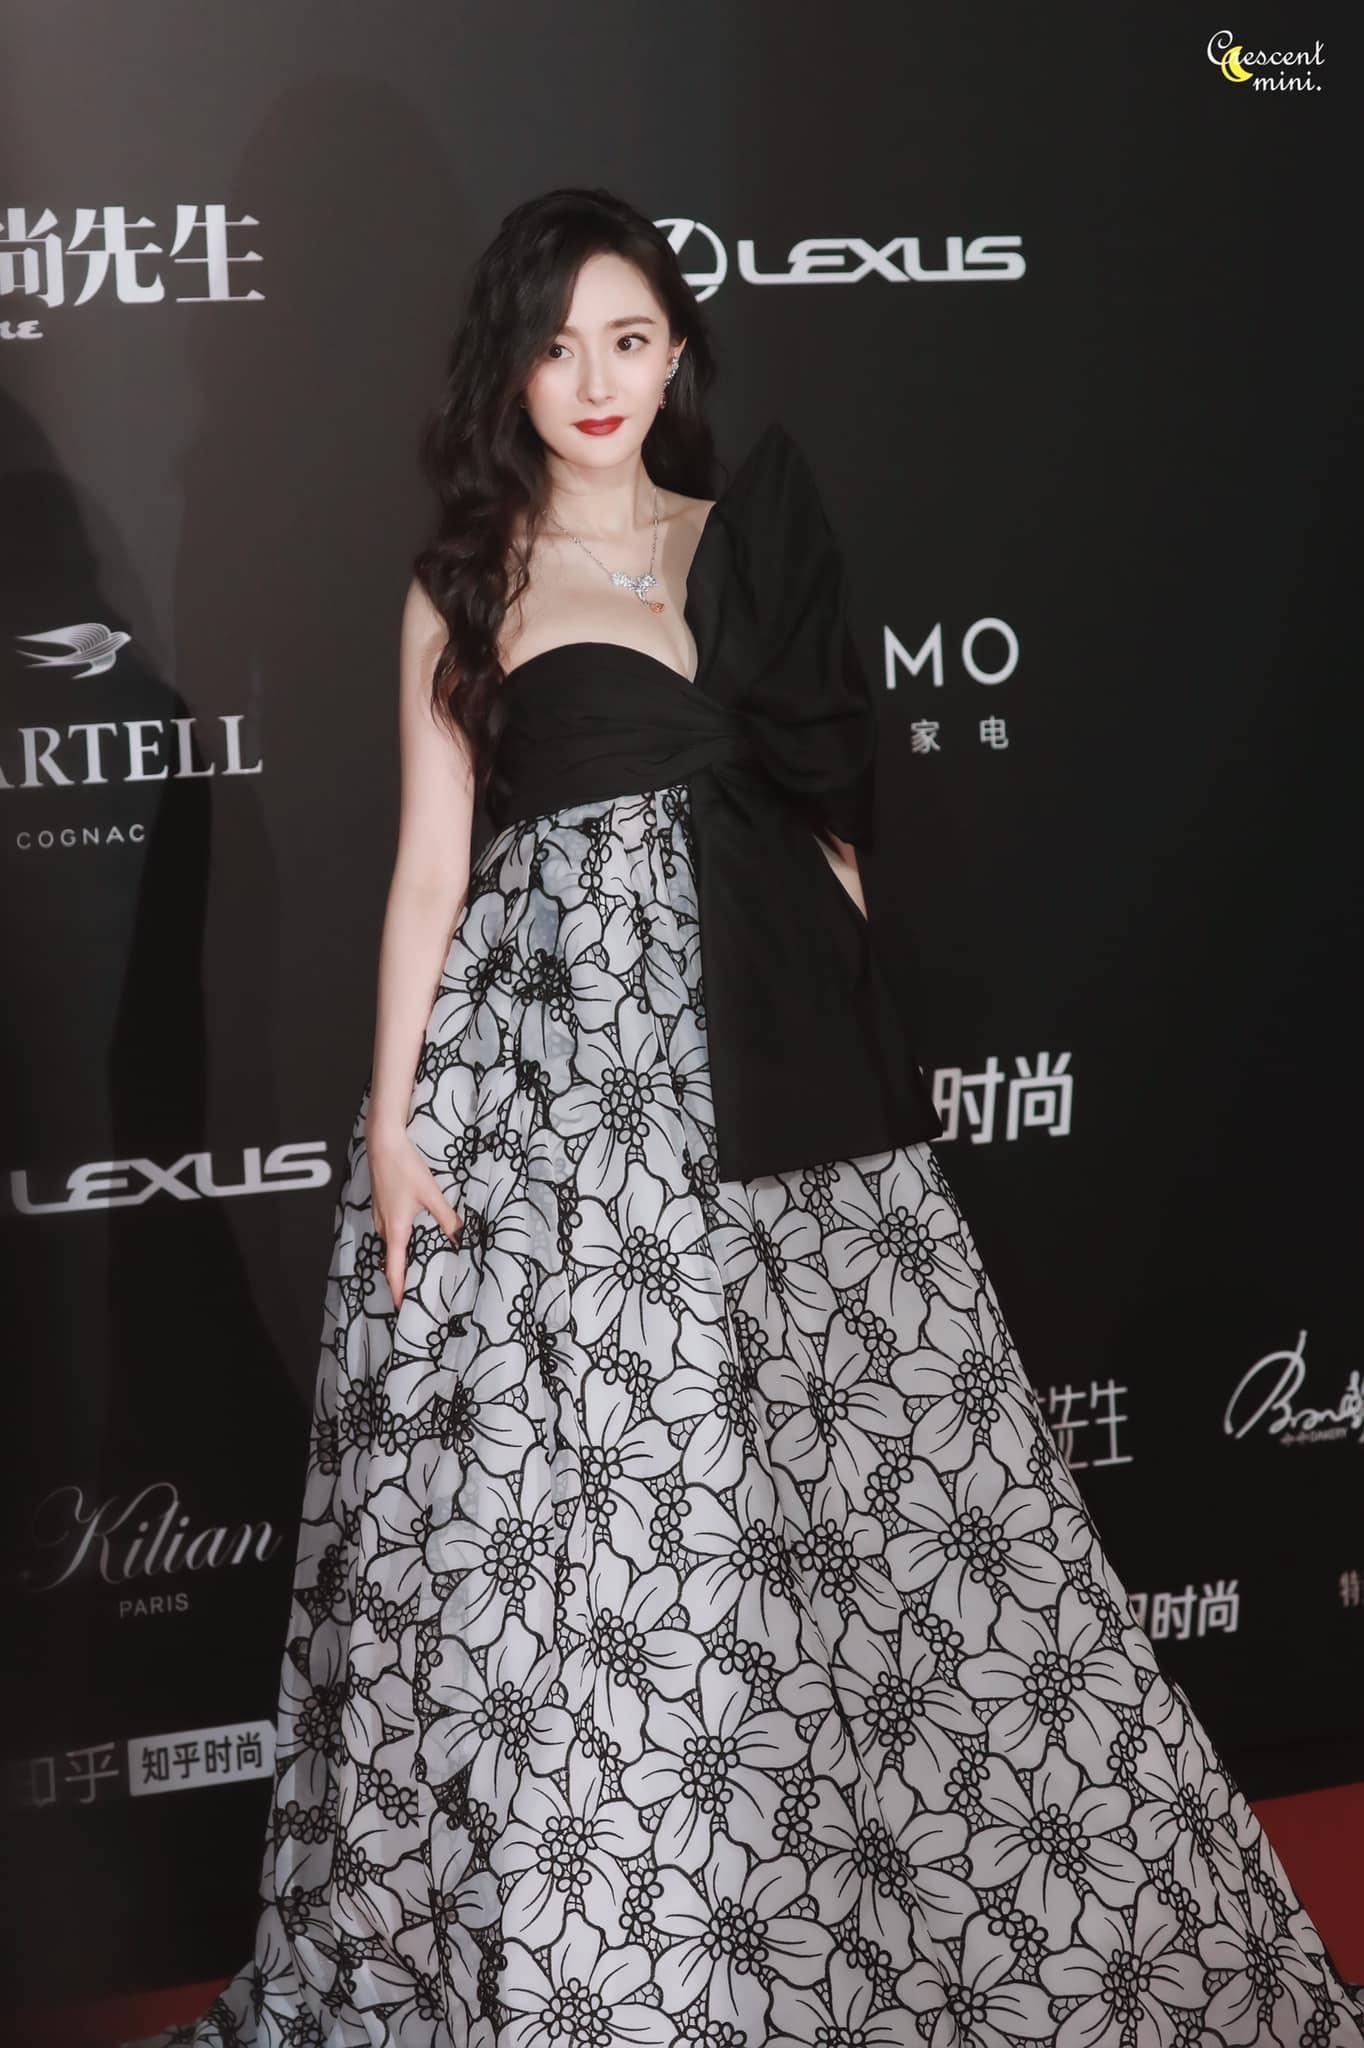 Khổ như Dương Mịch: Nỗ lực diện đồ Haute Couture cao cấp mùa mới nhất nhưng vẫn bị chê ảnh 1